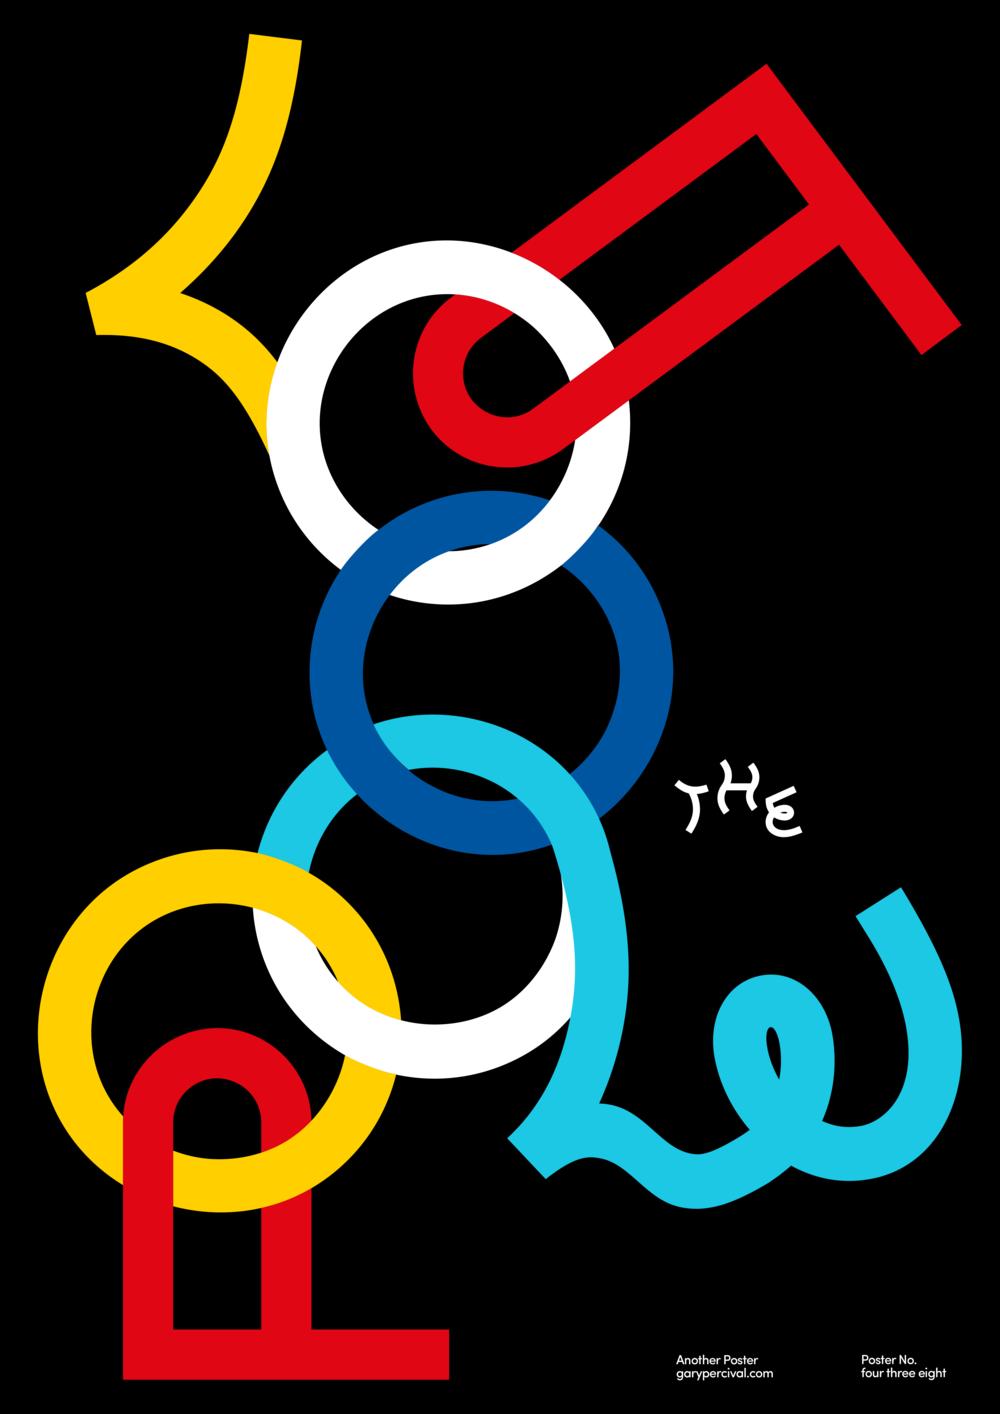 #438 Loop the Loop